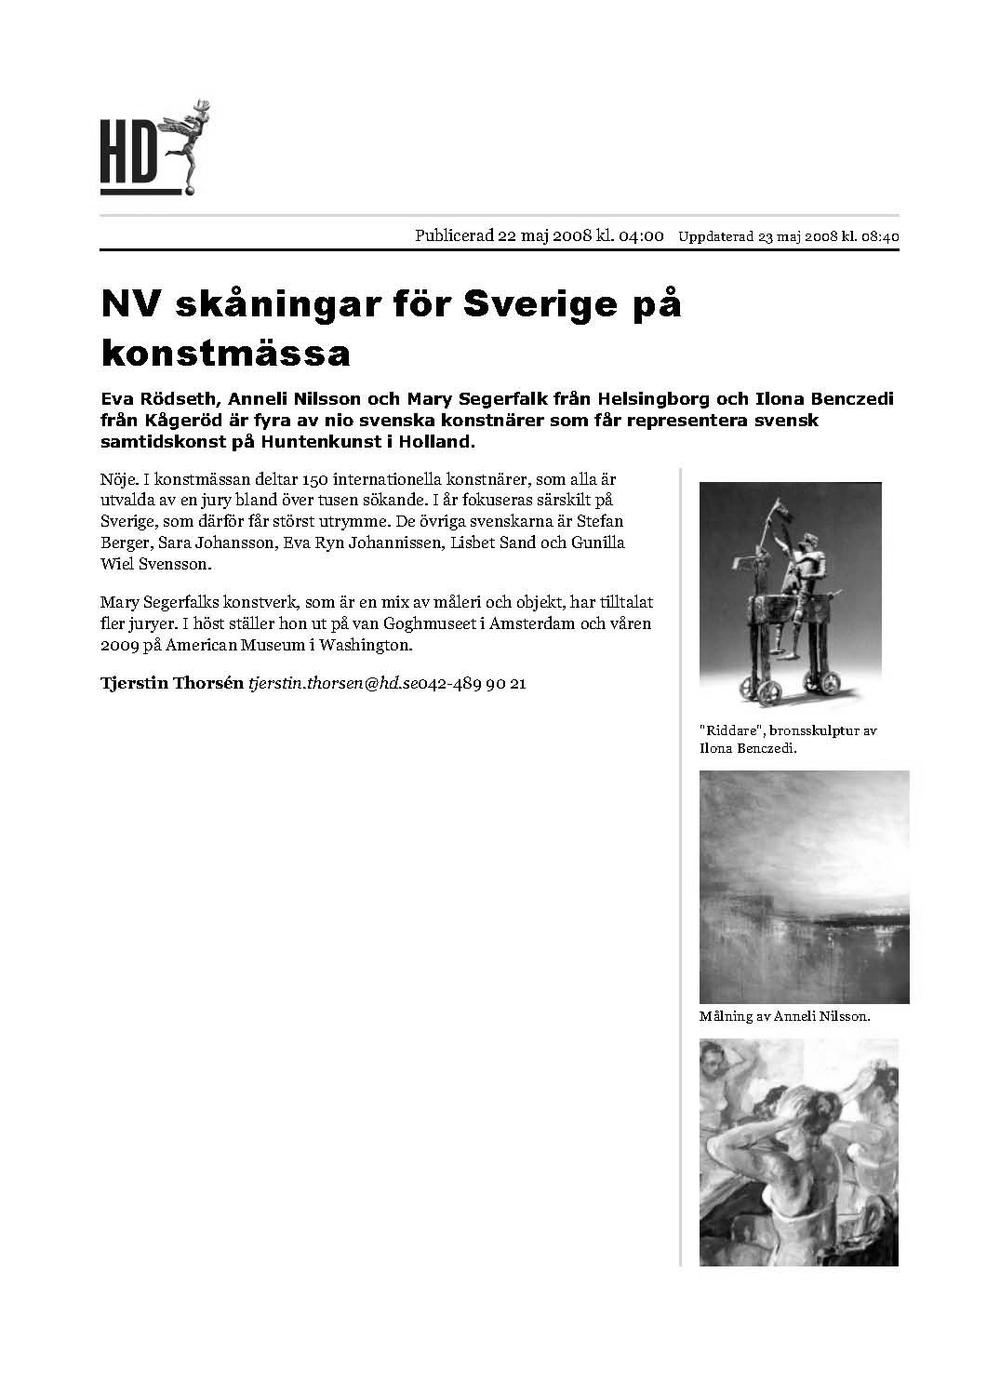 NV skaningar for Sverige pa konstmassa - hd.se_Page_1.jpg